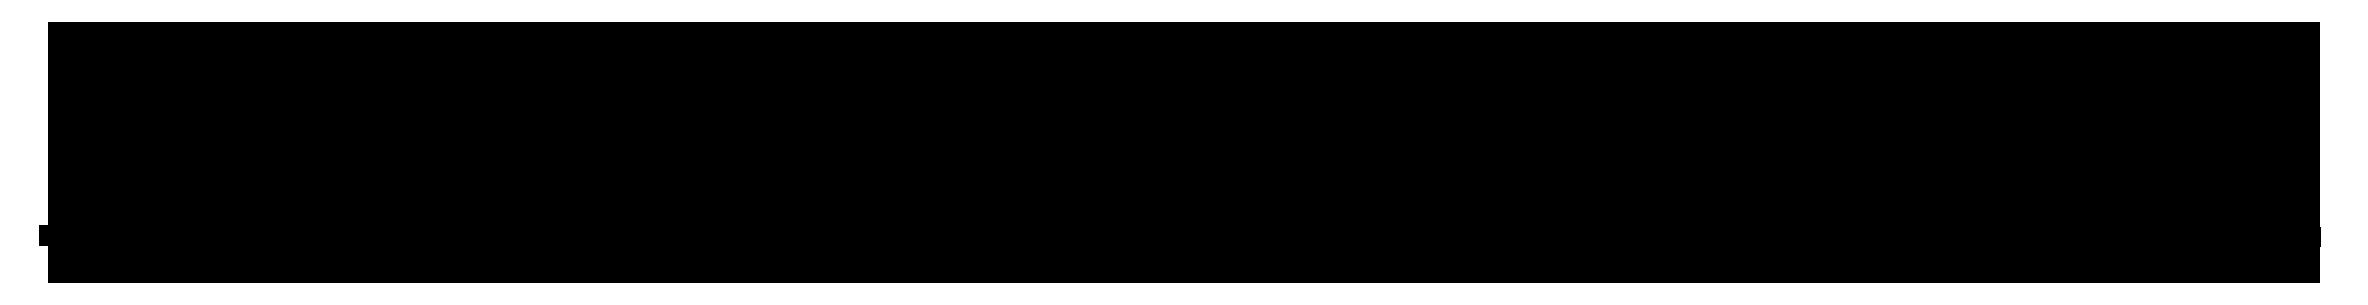 산돌 고딕Neo1 유니코드